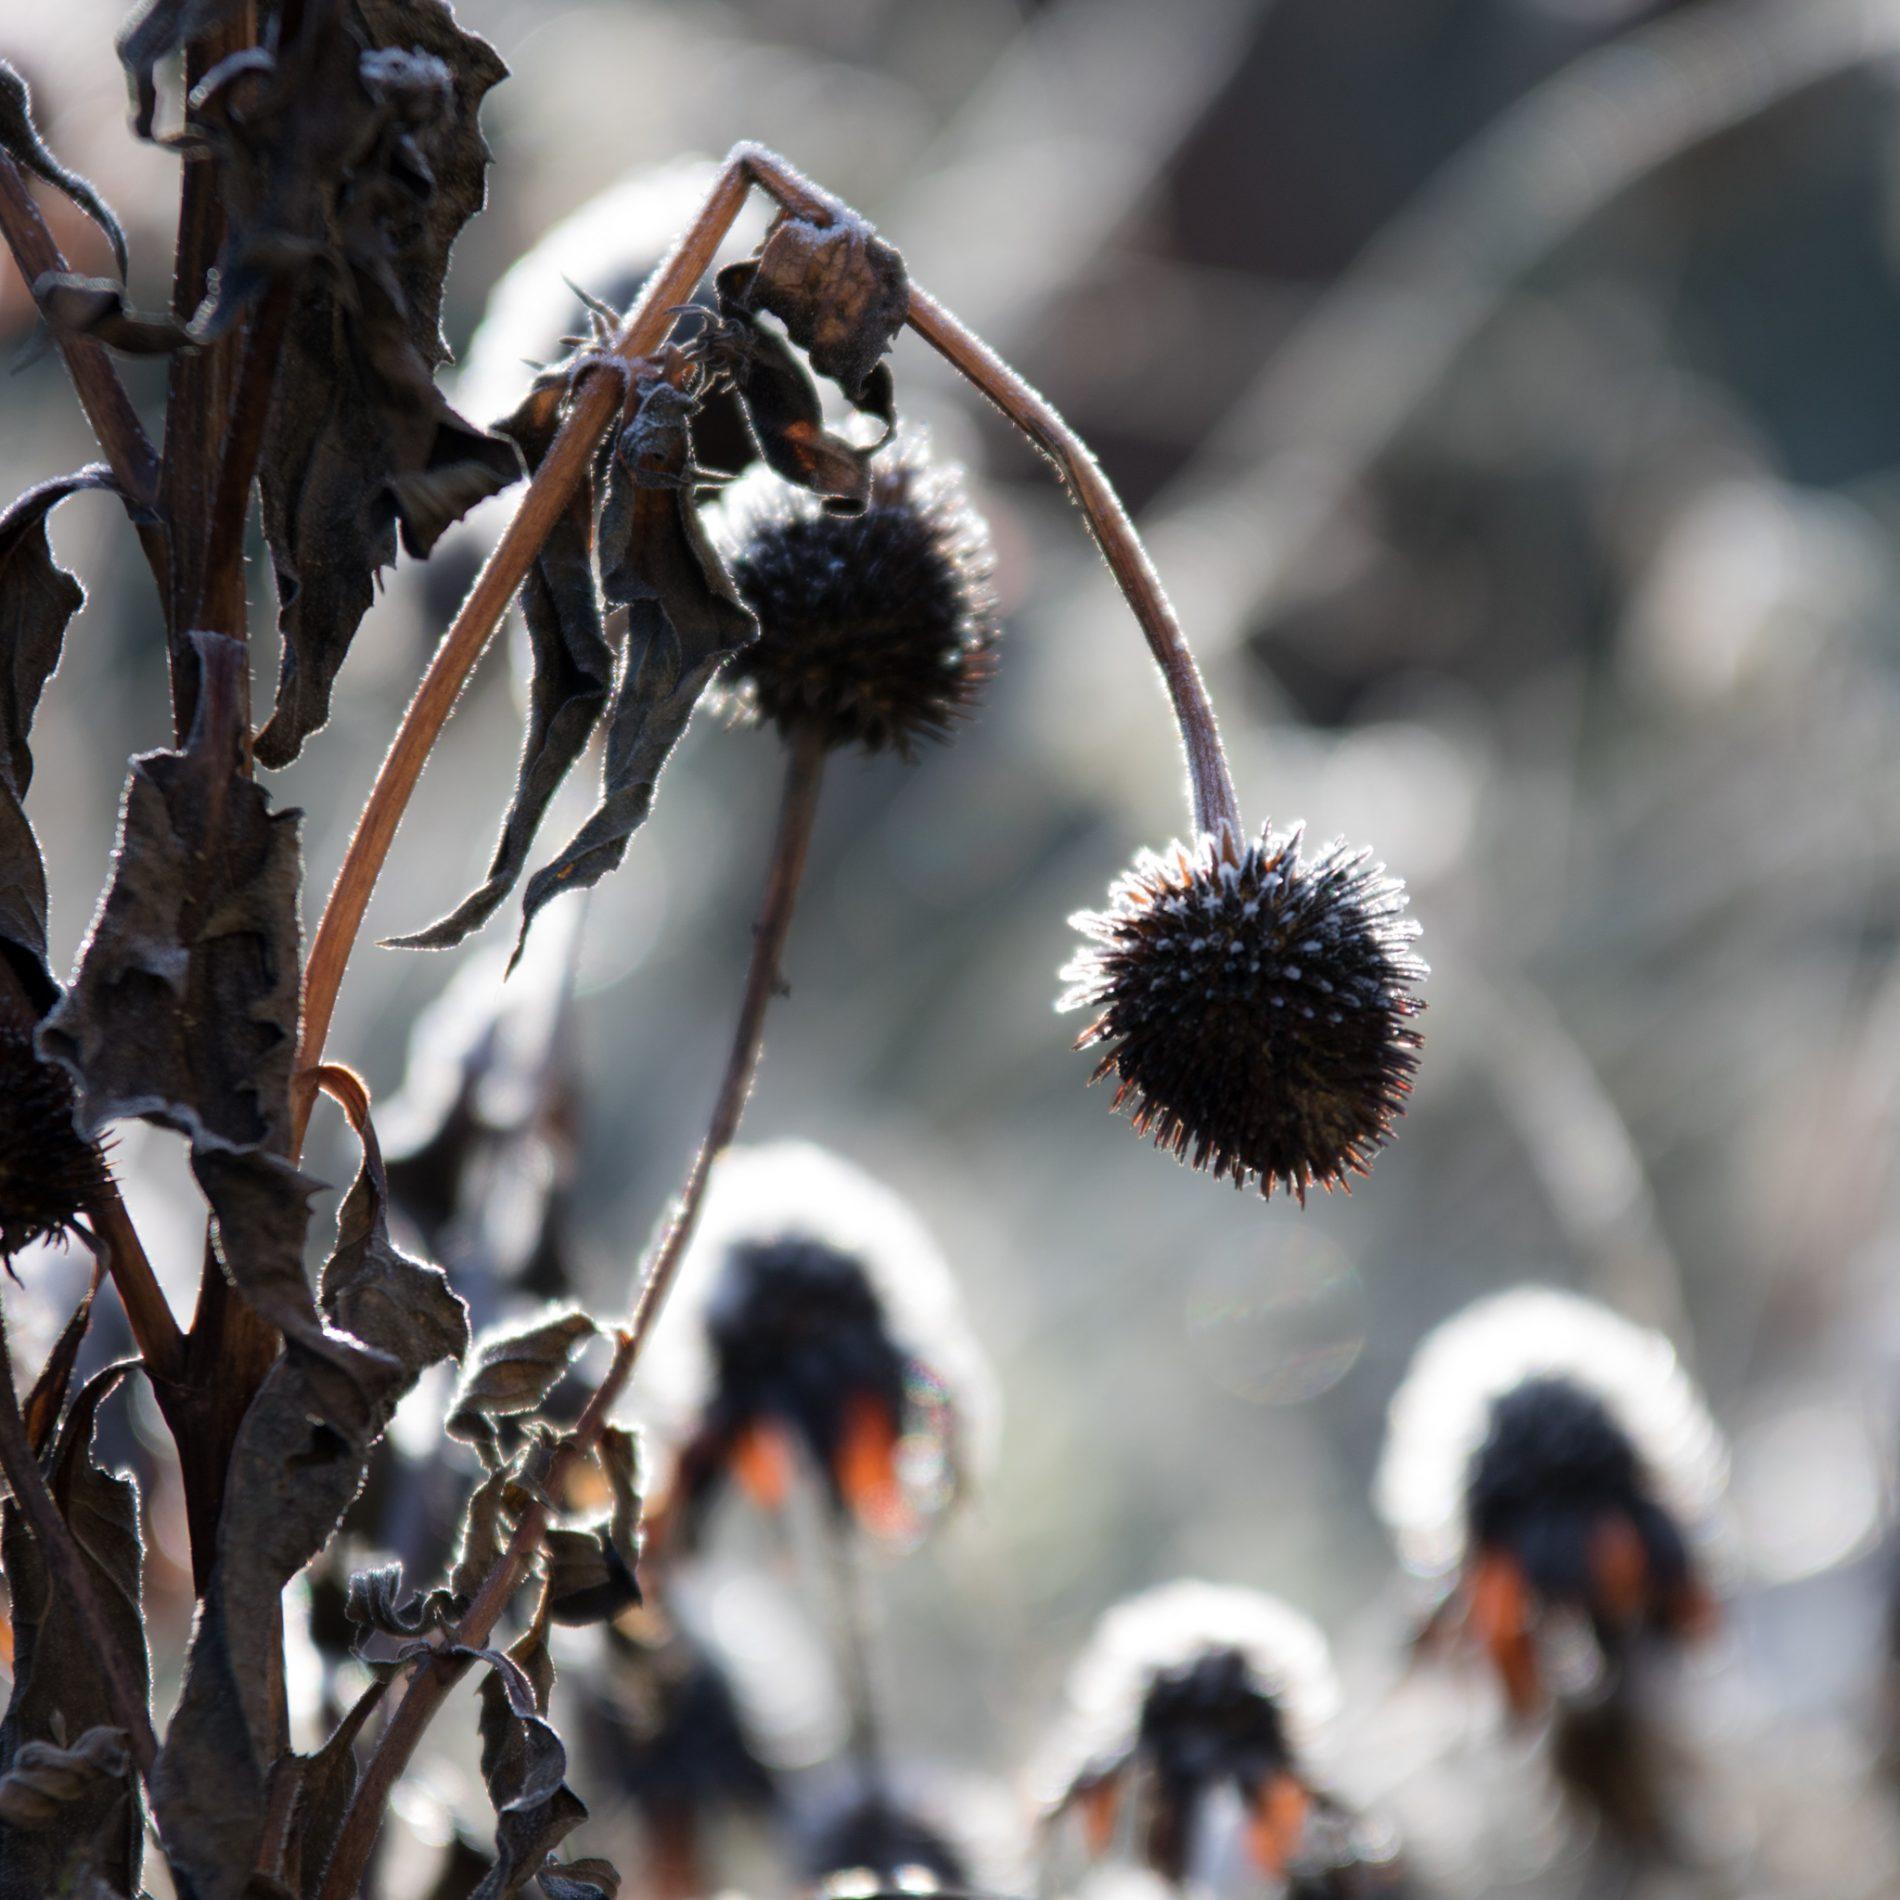 Echniacea, Winter